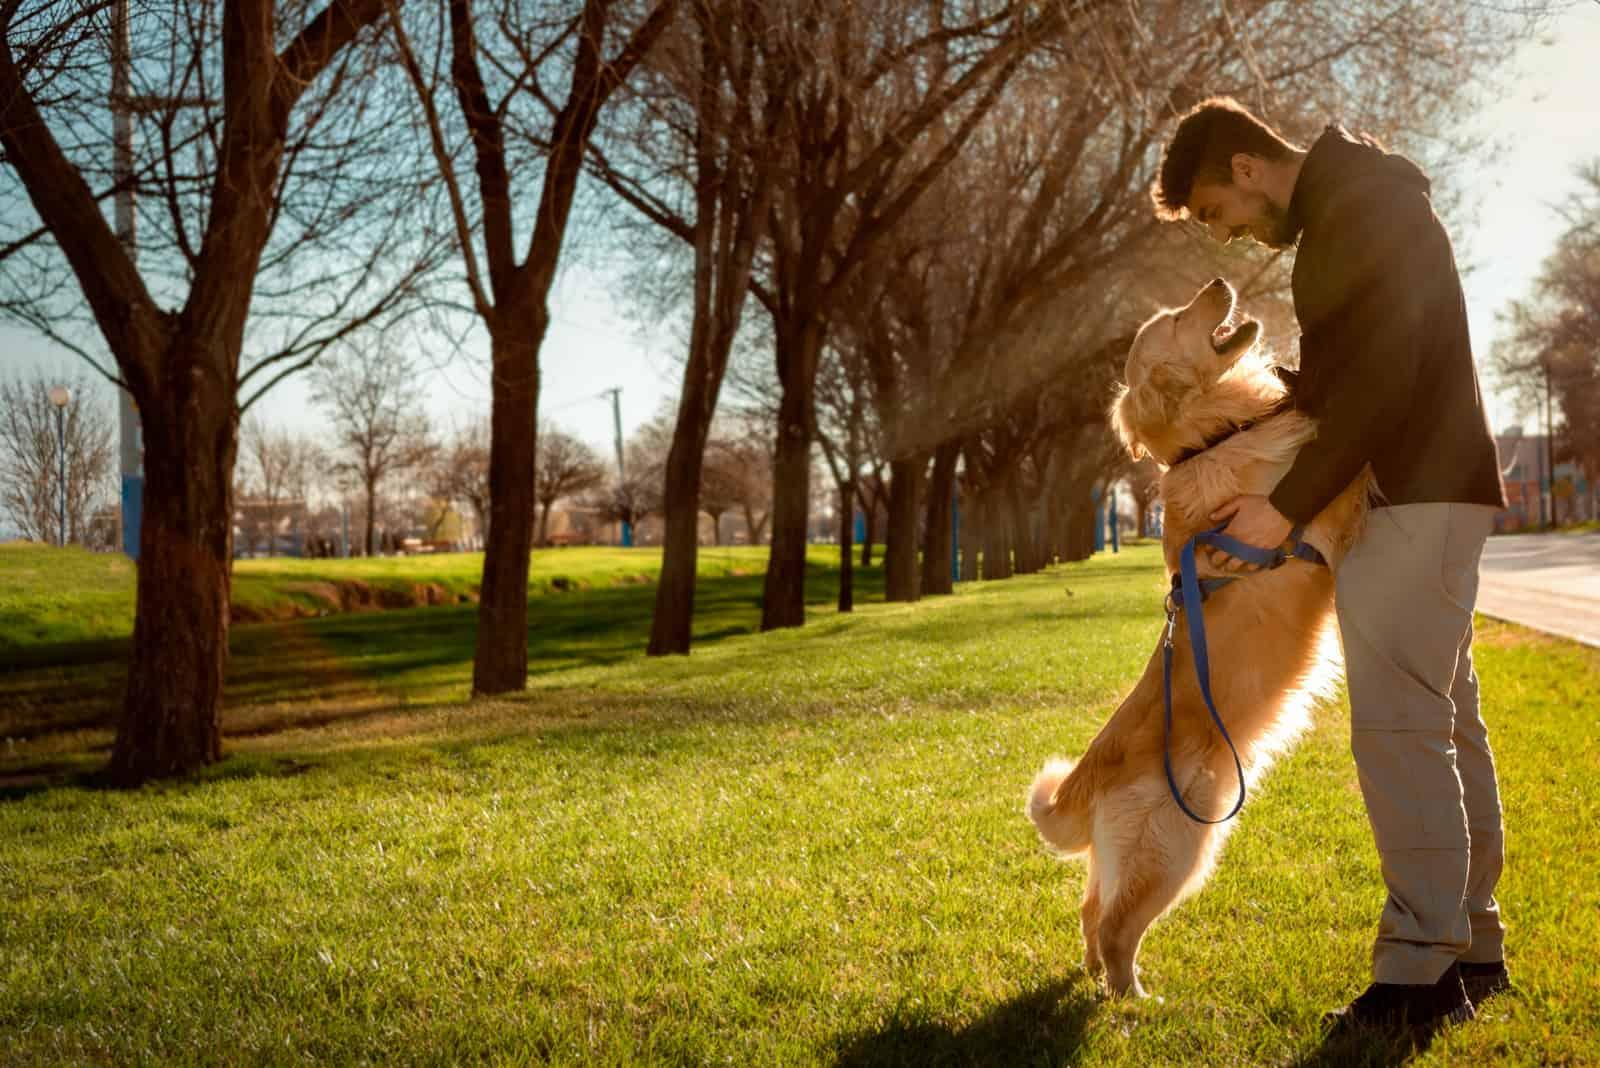 Hund (Golden Retriever) und Mann starren sich auf schöne Weise an.